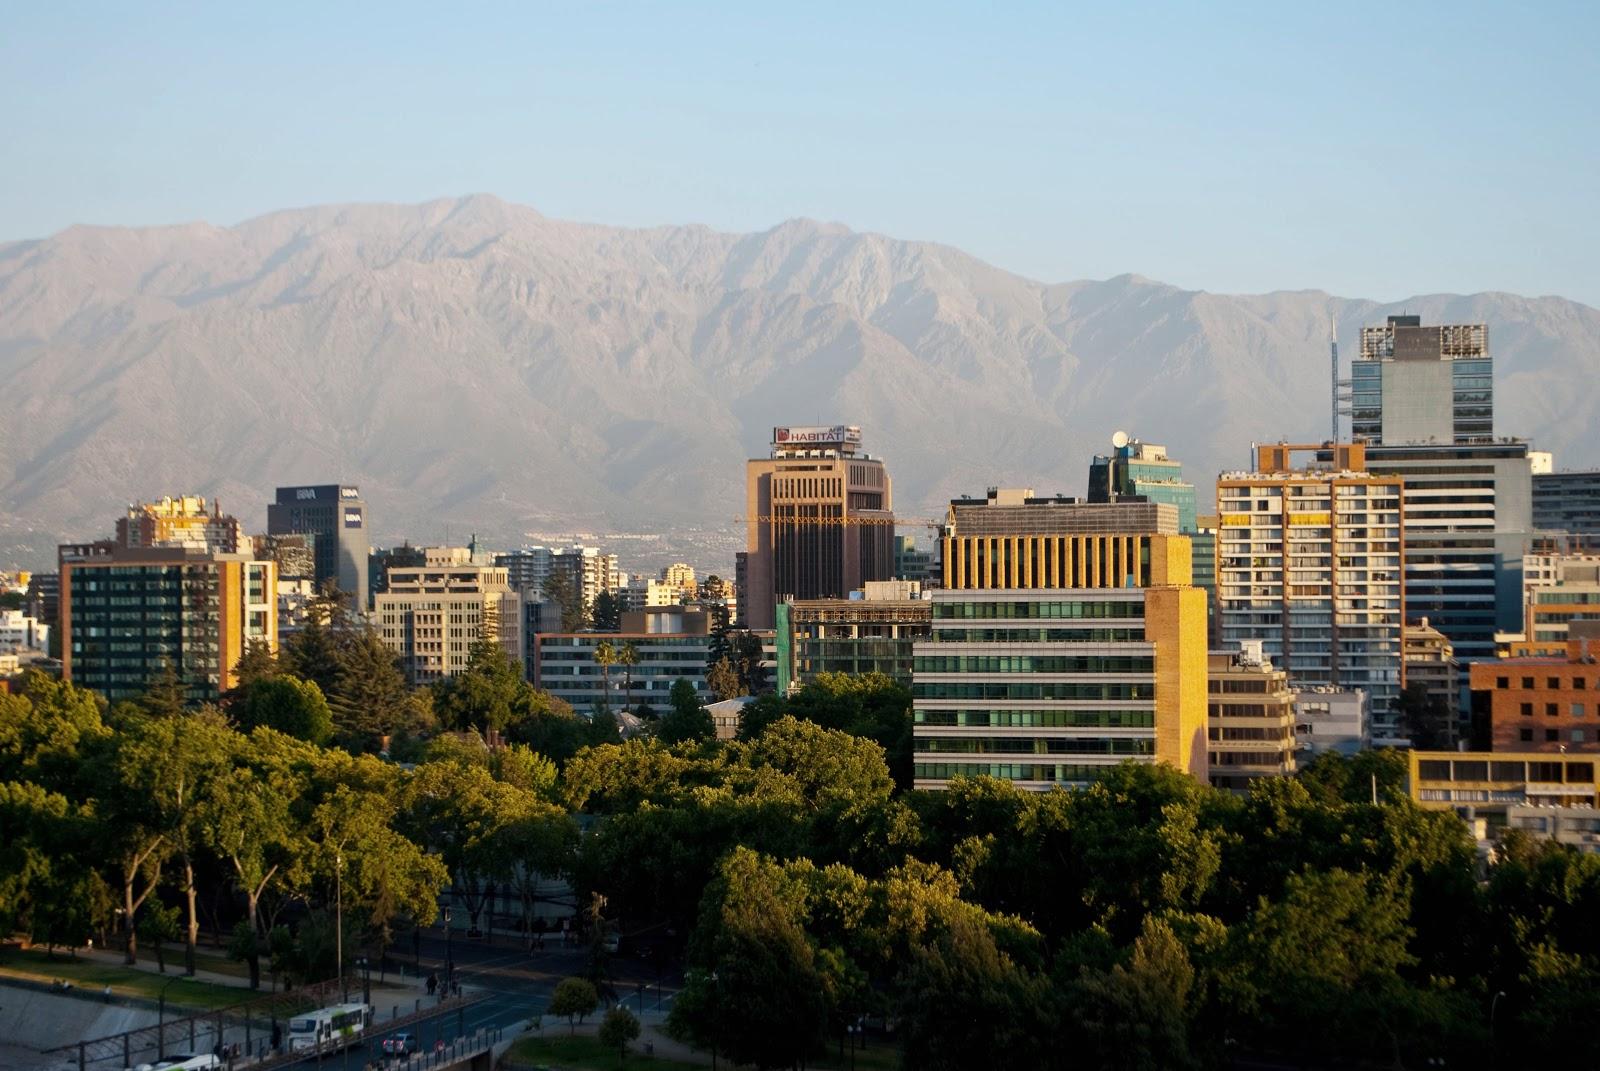 chile - photo #8